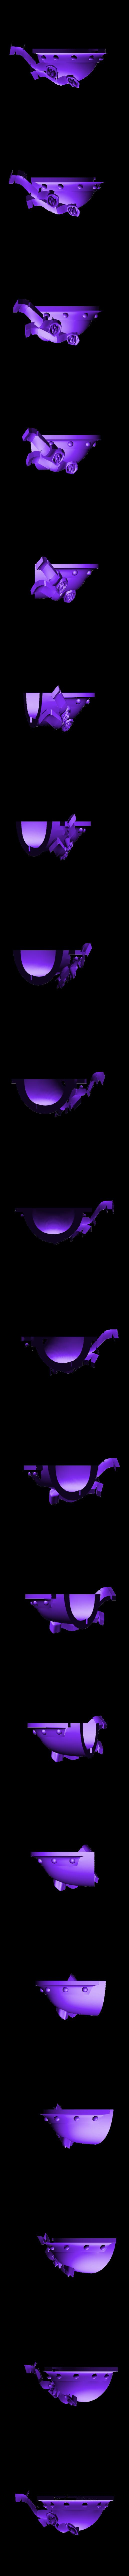 Shoulder 8.stl Télécharger fichier STL gratuit L'équipe des Chevaliers gris Primaris • Modèle pour imprimante 3D, joeldawson93